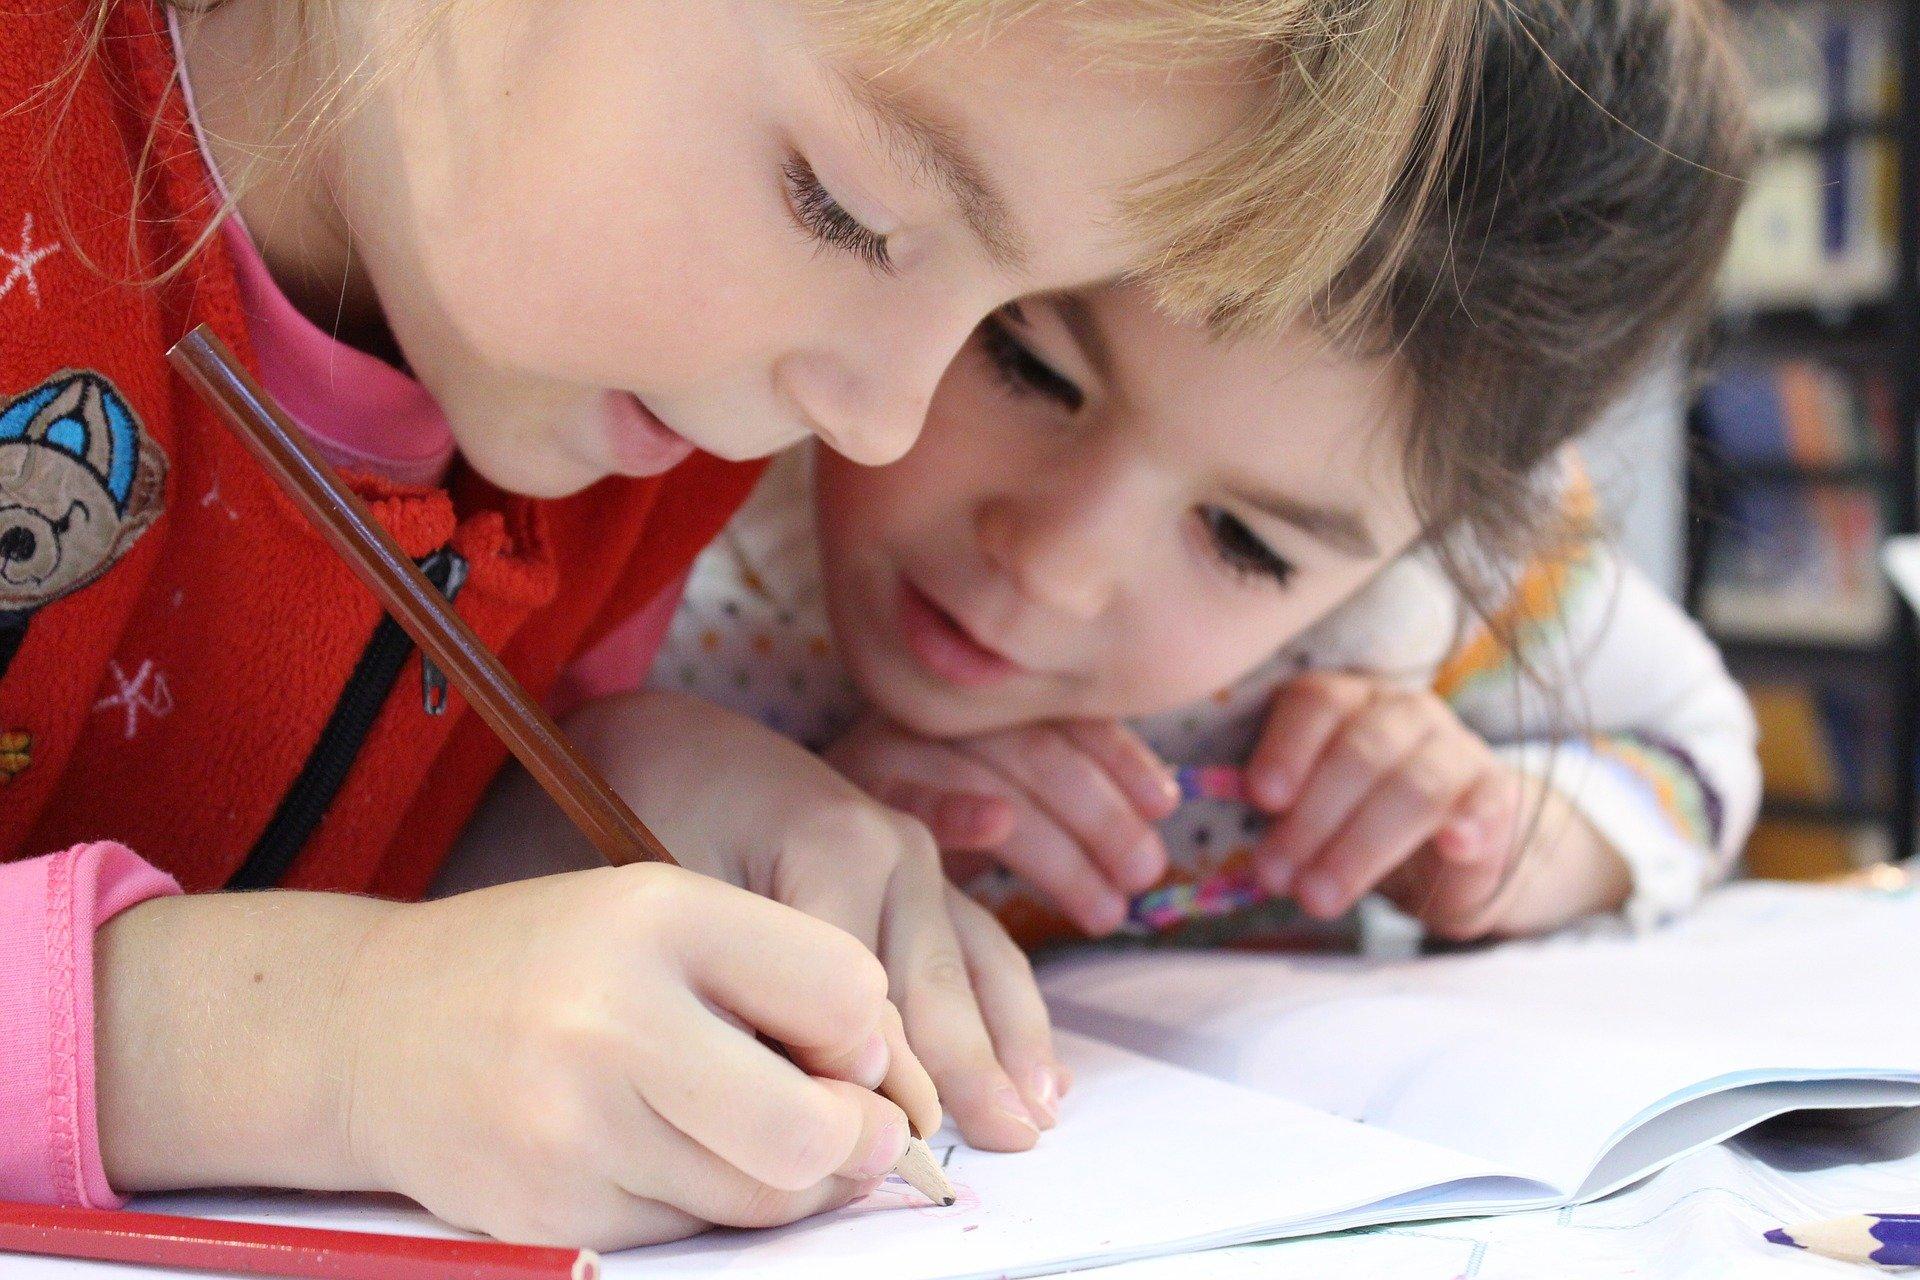 Schulkinder machen Hausaufgaben.